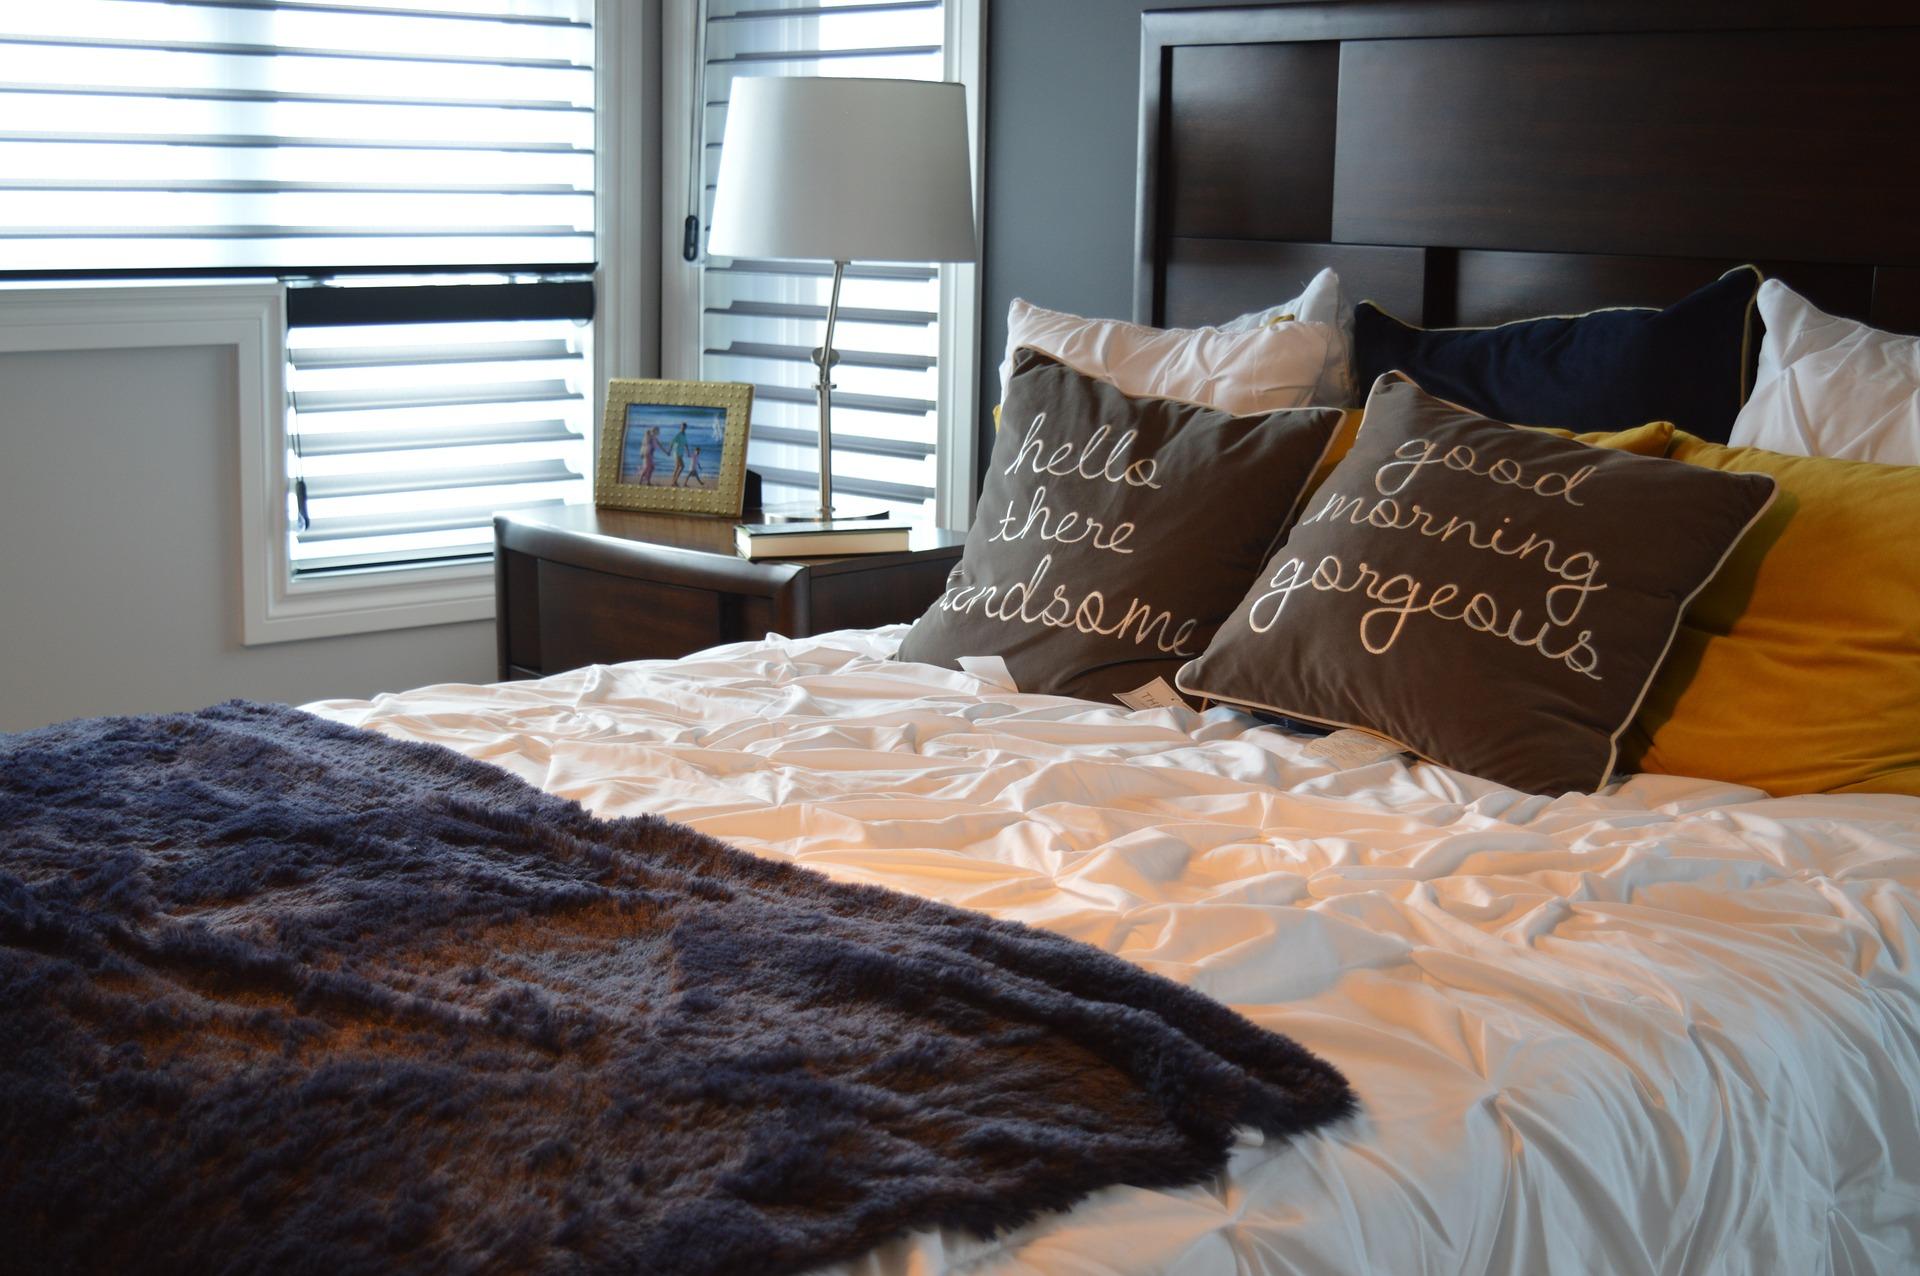 een aantal jaar dezelfde slaapkamer je slaapkamer een beetje zat wordt en wat anders wilt dit kan je door middel doen van je slaapkamer op te pimpen